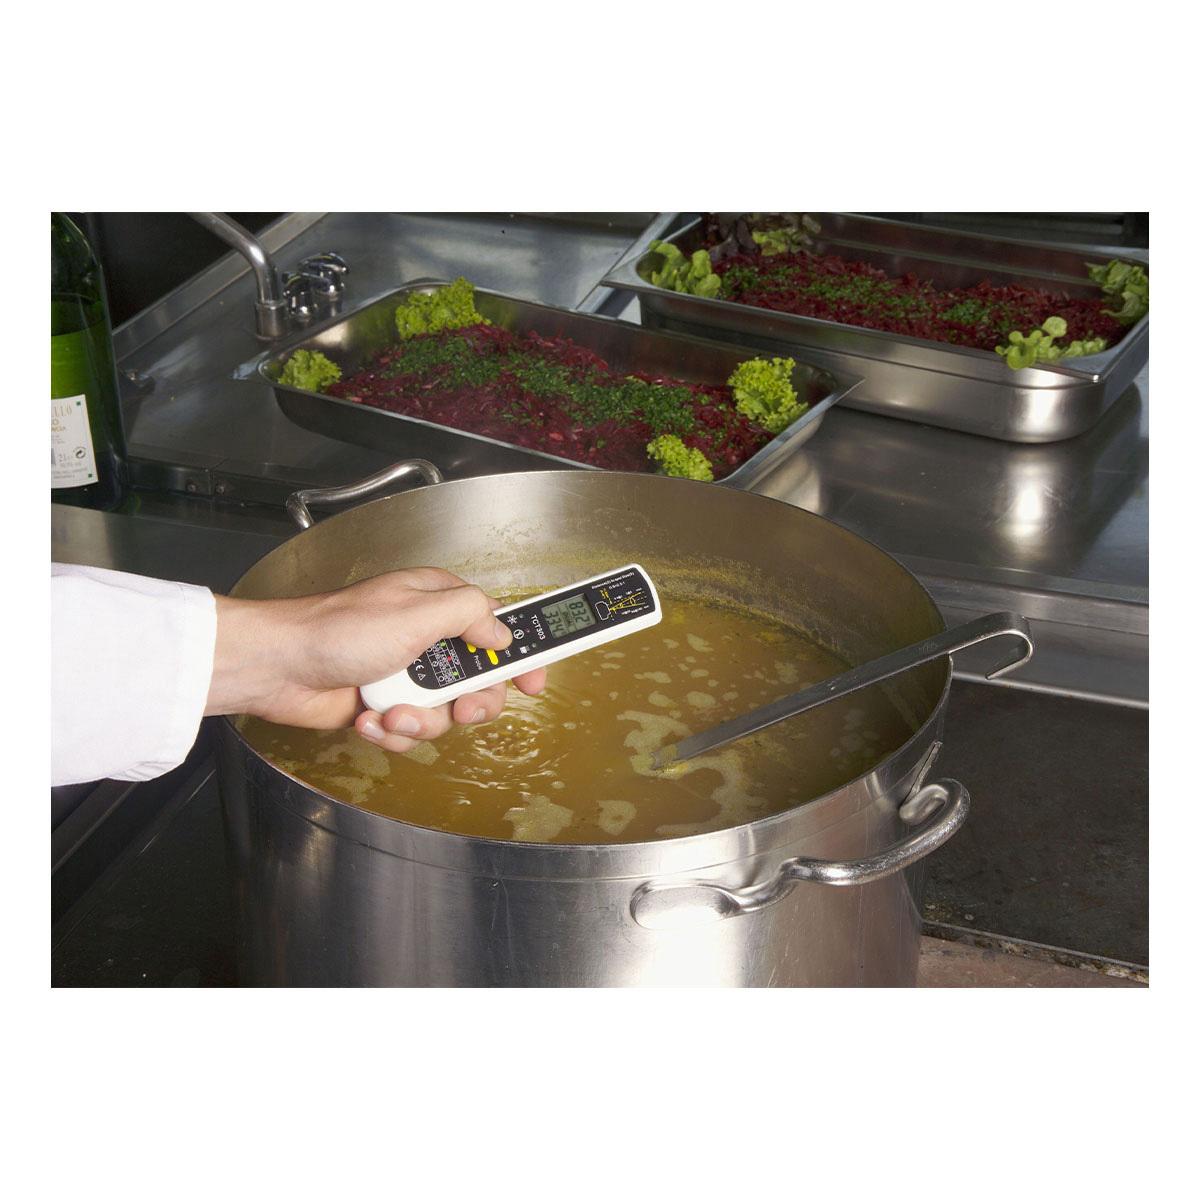 31-1119-k-digitales-einstich-infrarot-thermometer-dualtemp-pro-anwendung1-1200x1200px.jpg